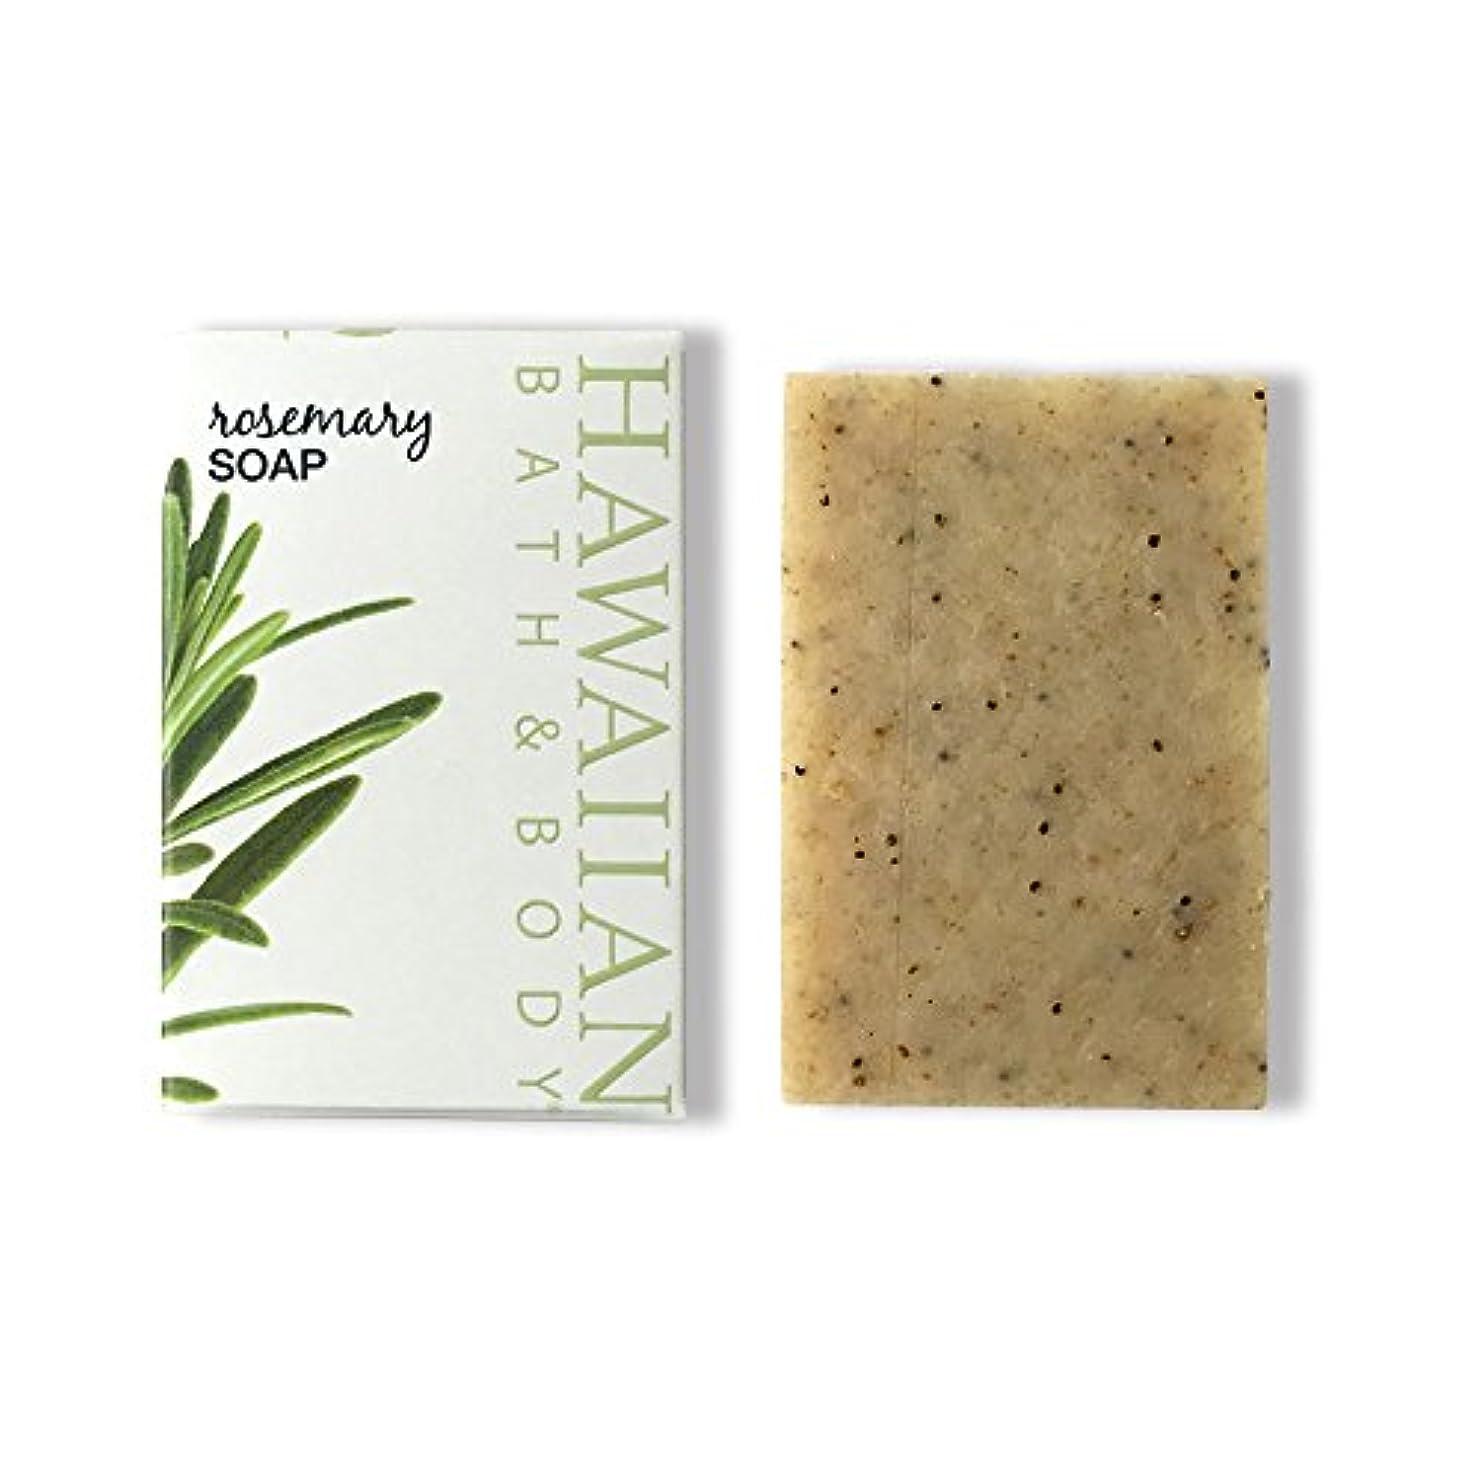 ハワイアンバス&ボディ ローズマリーソープ ( Rosemary Soap )